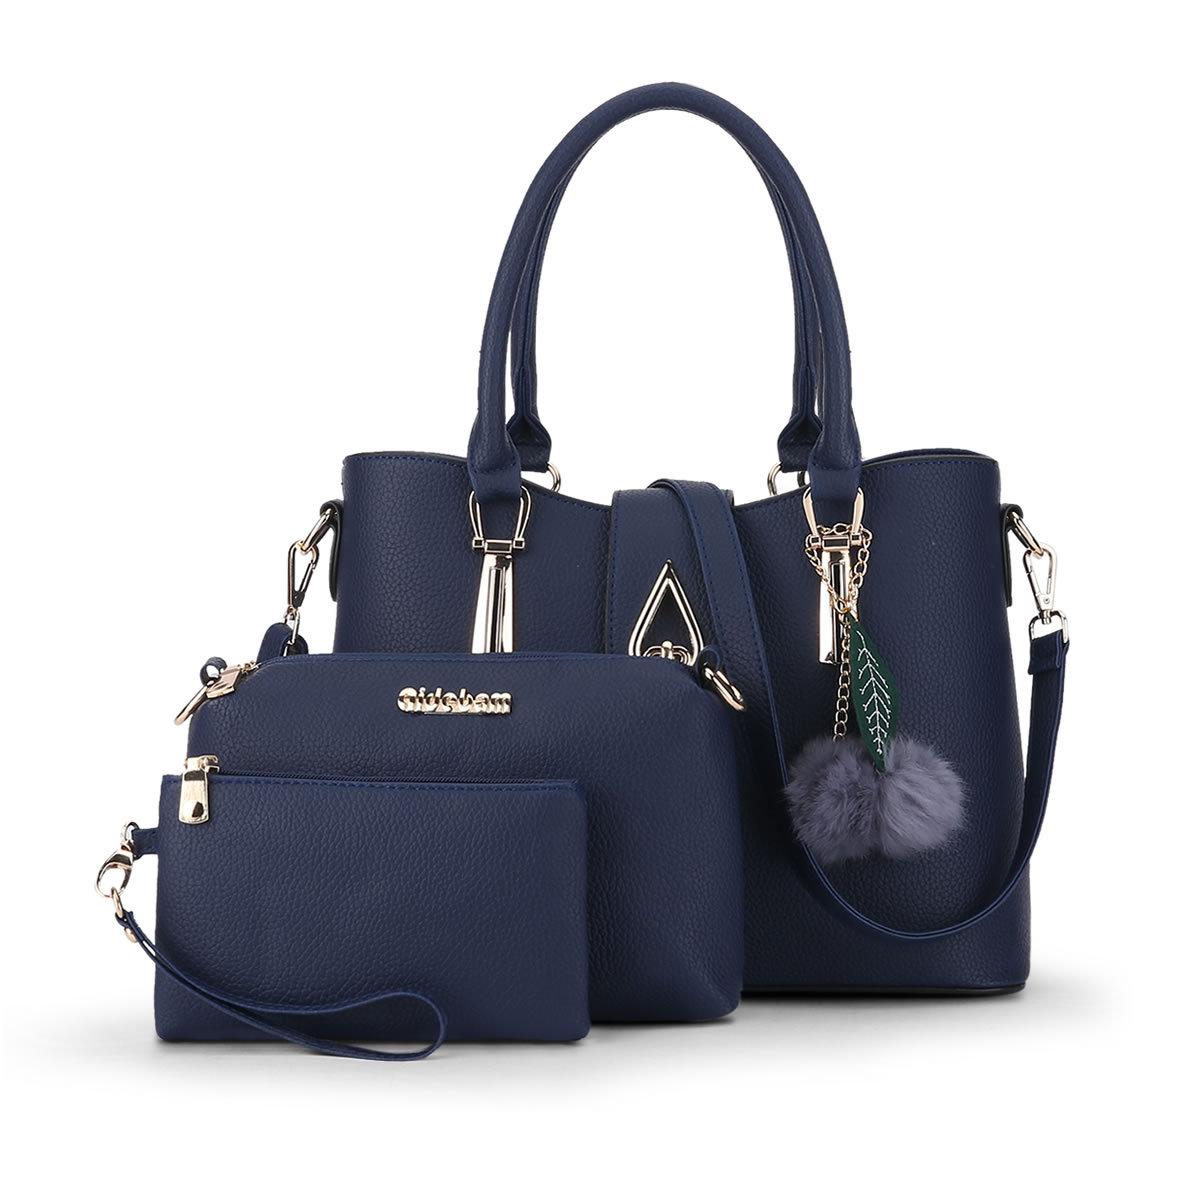 พร้อมส่ง ขายส่งกระเป๋าถือและสะพายข้างผู้หญิง เช็ต 3 ใบแต่งหยดน้ำ แถมพู่เชอรี่ แฟชั่นยุโรป Sunny-887 สีน้ำเงิน